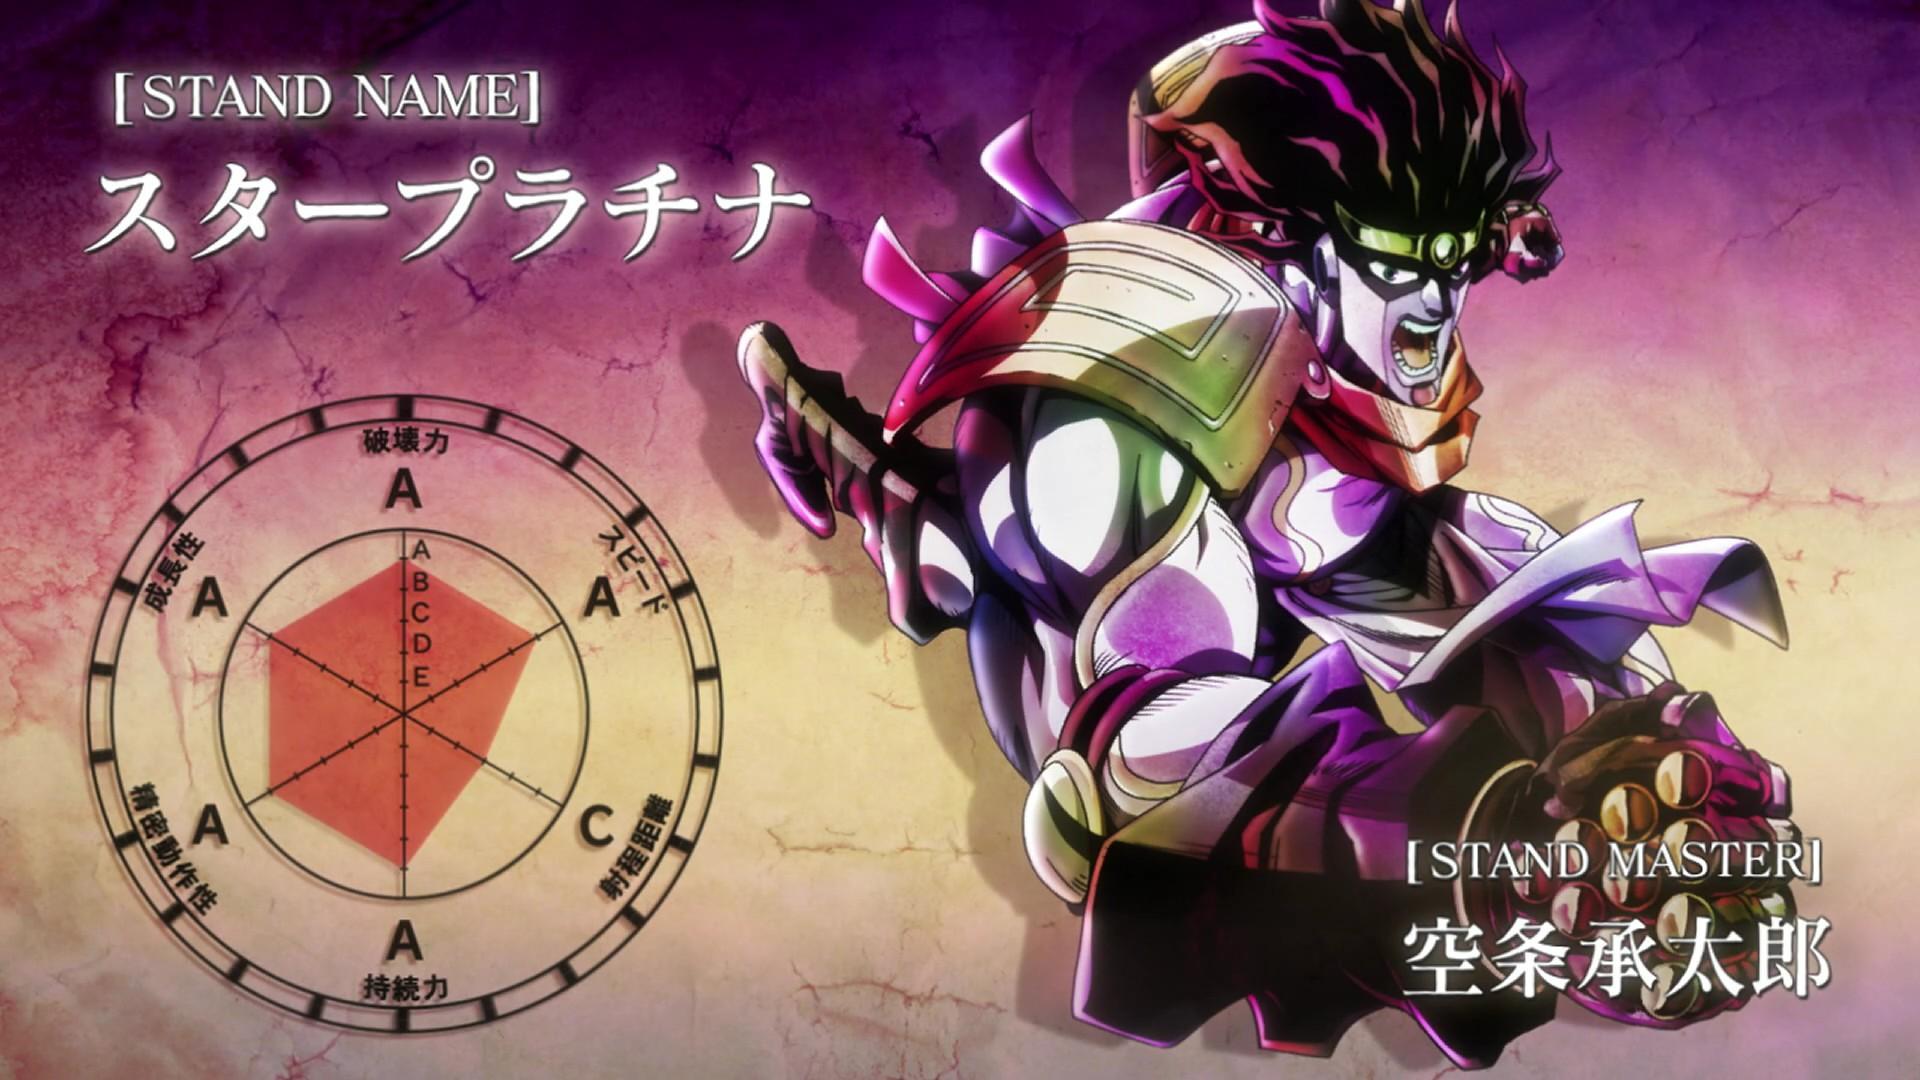 Wallpaper Illustration Anime Jotaro Kujo Jojo S Bizarre